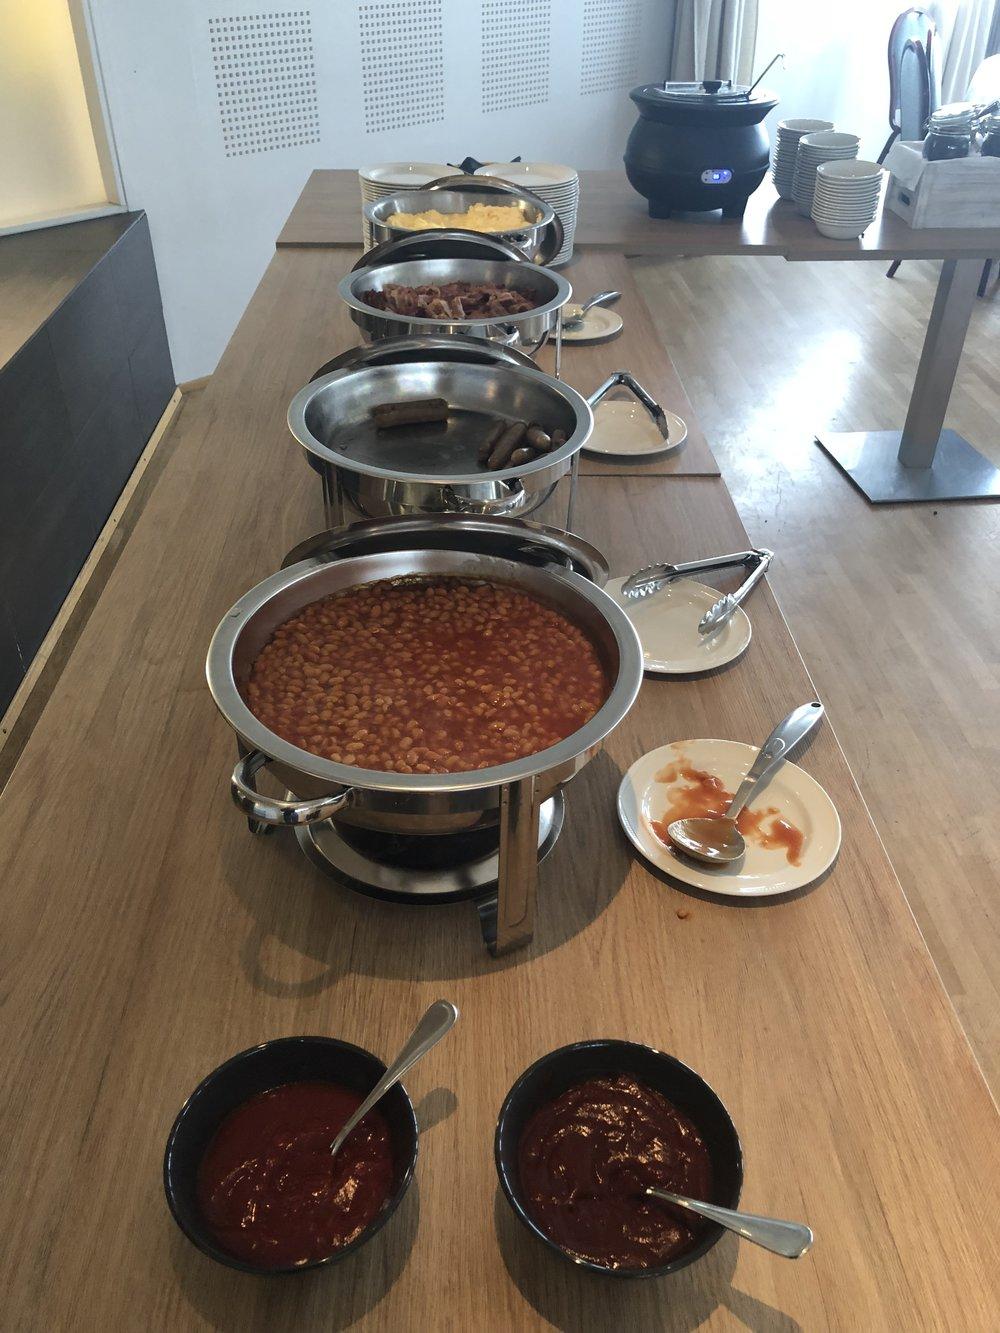 Beans, Susage, Eggs